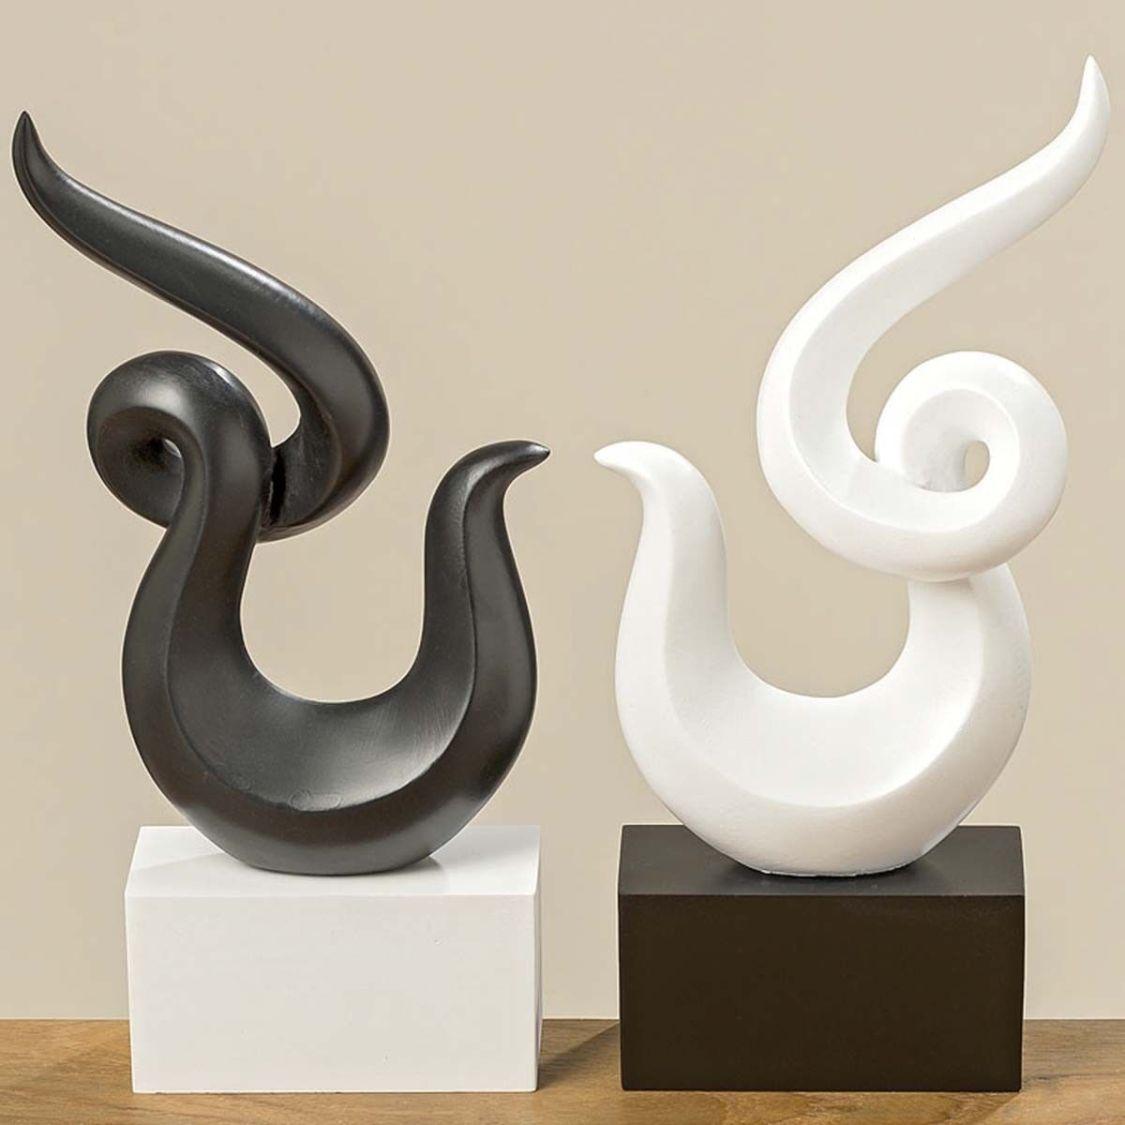 Deko Skulptur Samia schwarz/weiß aus Kunstharz Höhe 31cm Objekt